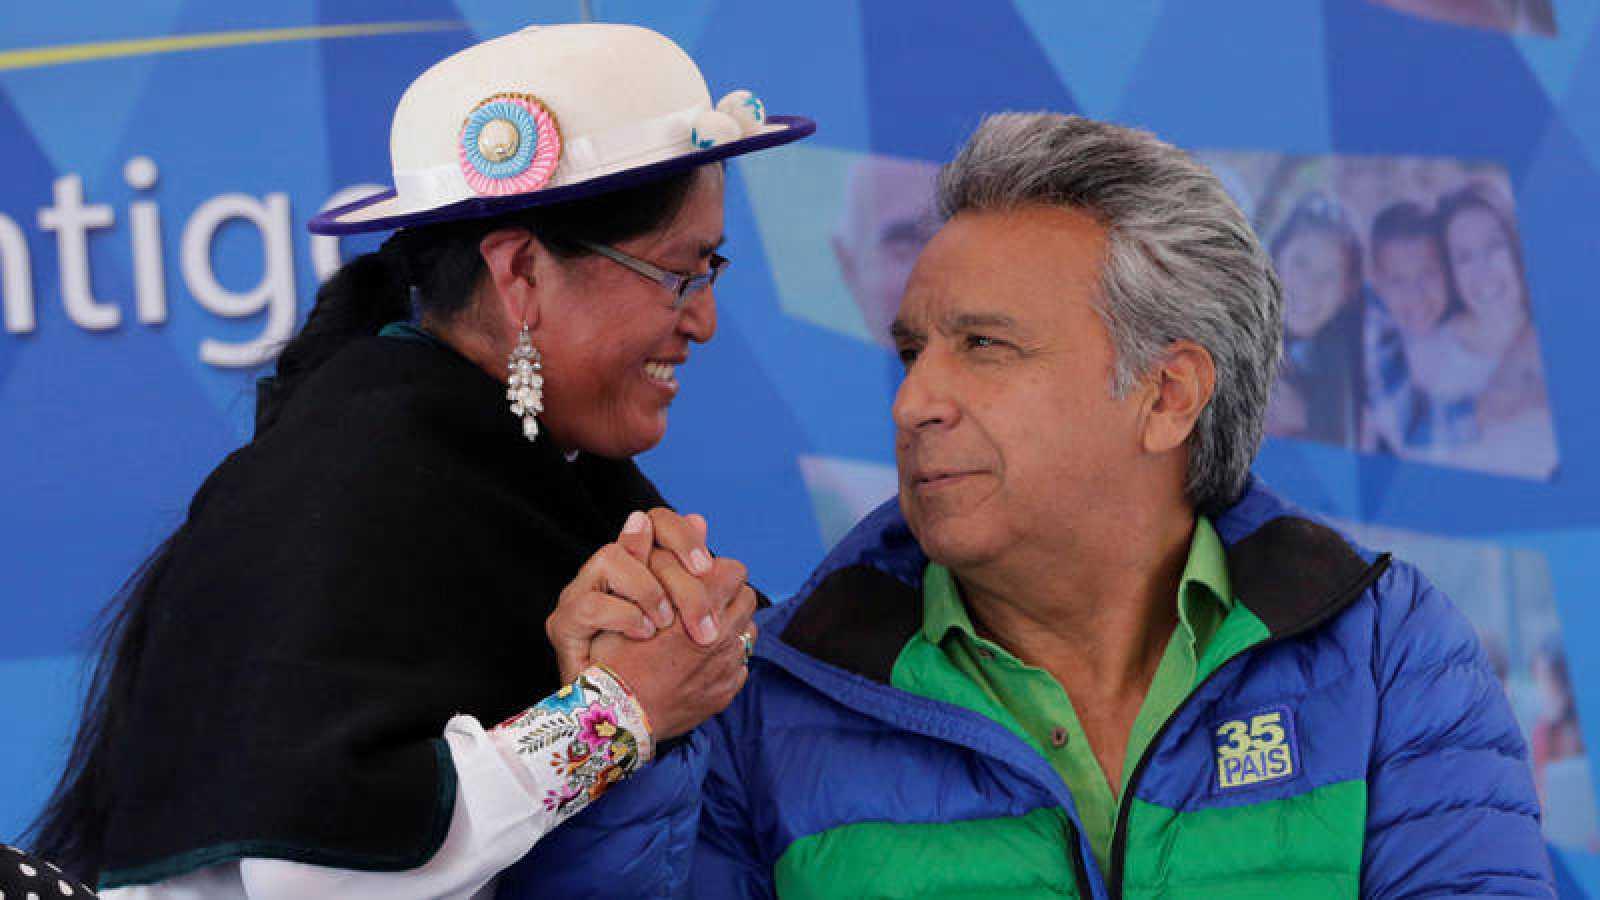 El candidato oficialista Lenin Moreno, favorito a la presidencia, saluda en un mitin a una una miembro de la comunidad indígena de Quito.